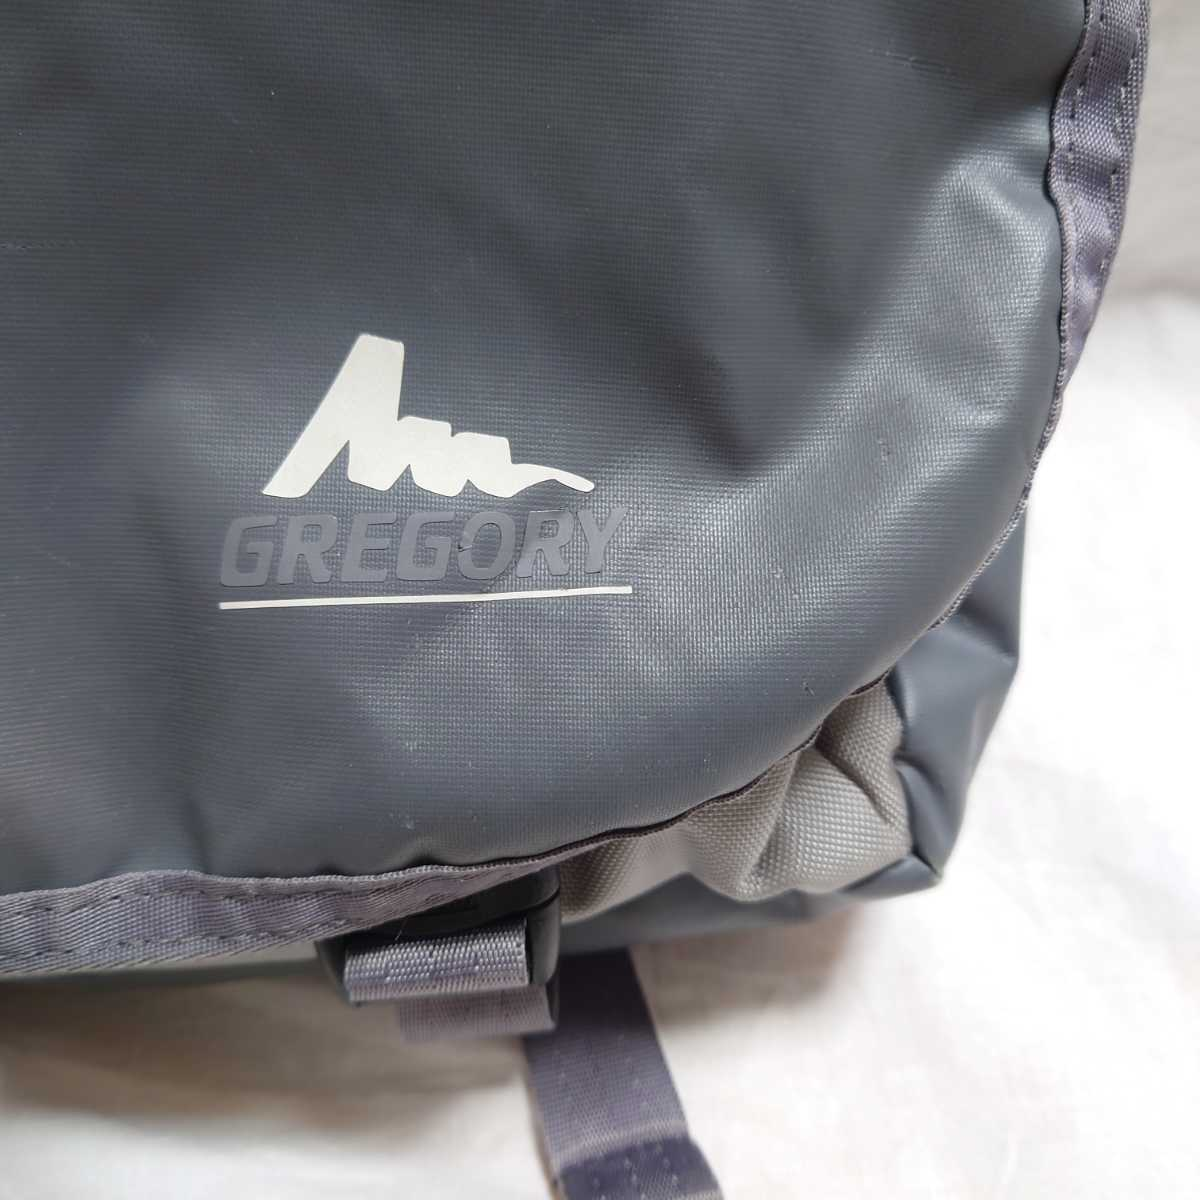 GREGORY グレゴリー メッセンジャーバッグ ショルダーバッグ エナメル グレー 灰色